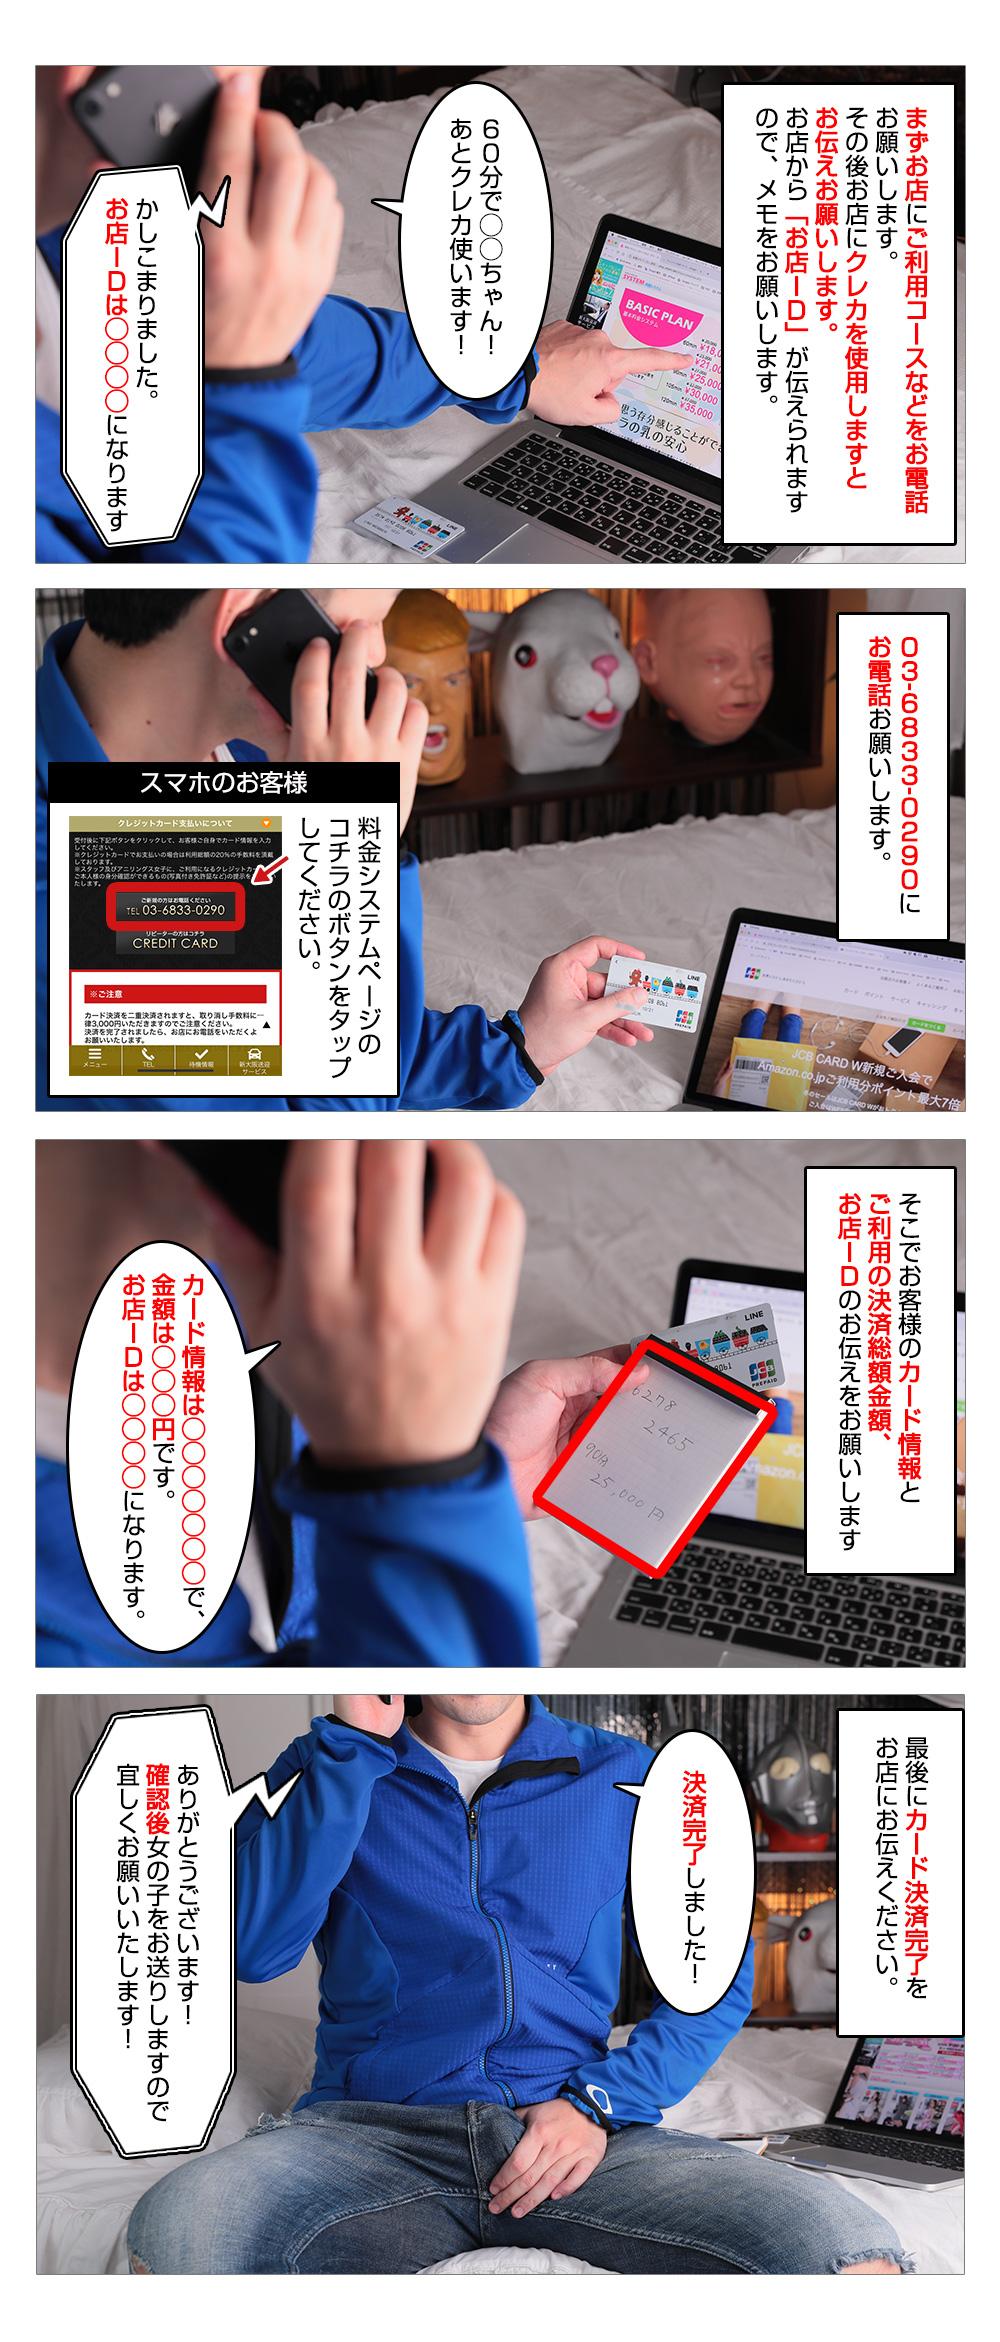 クレジットカード手続き方法【ご新規編】